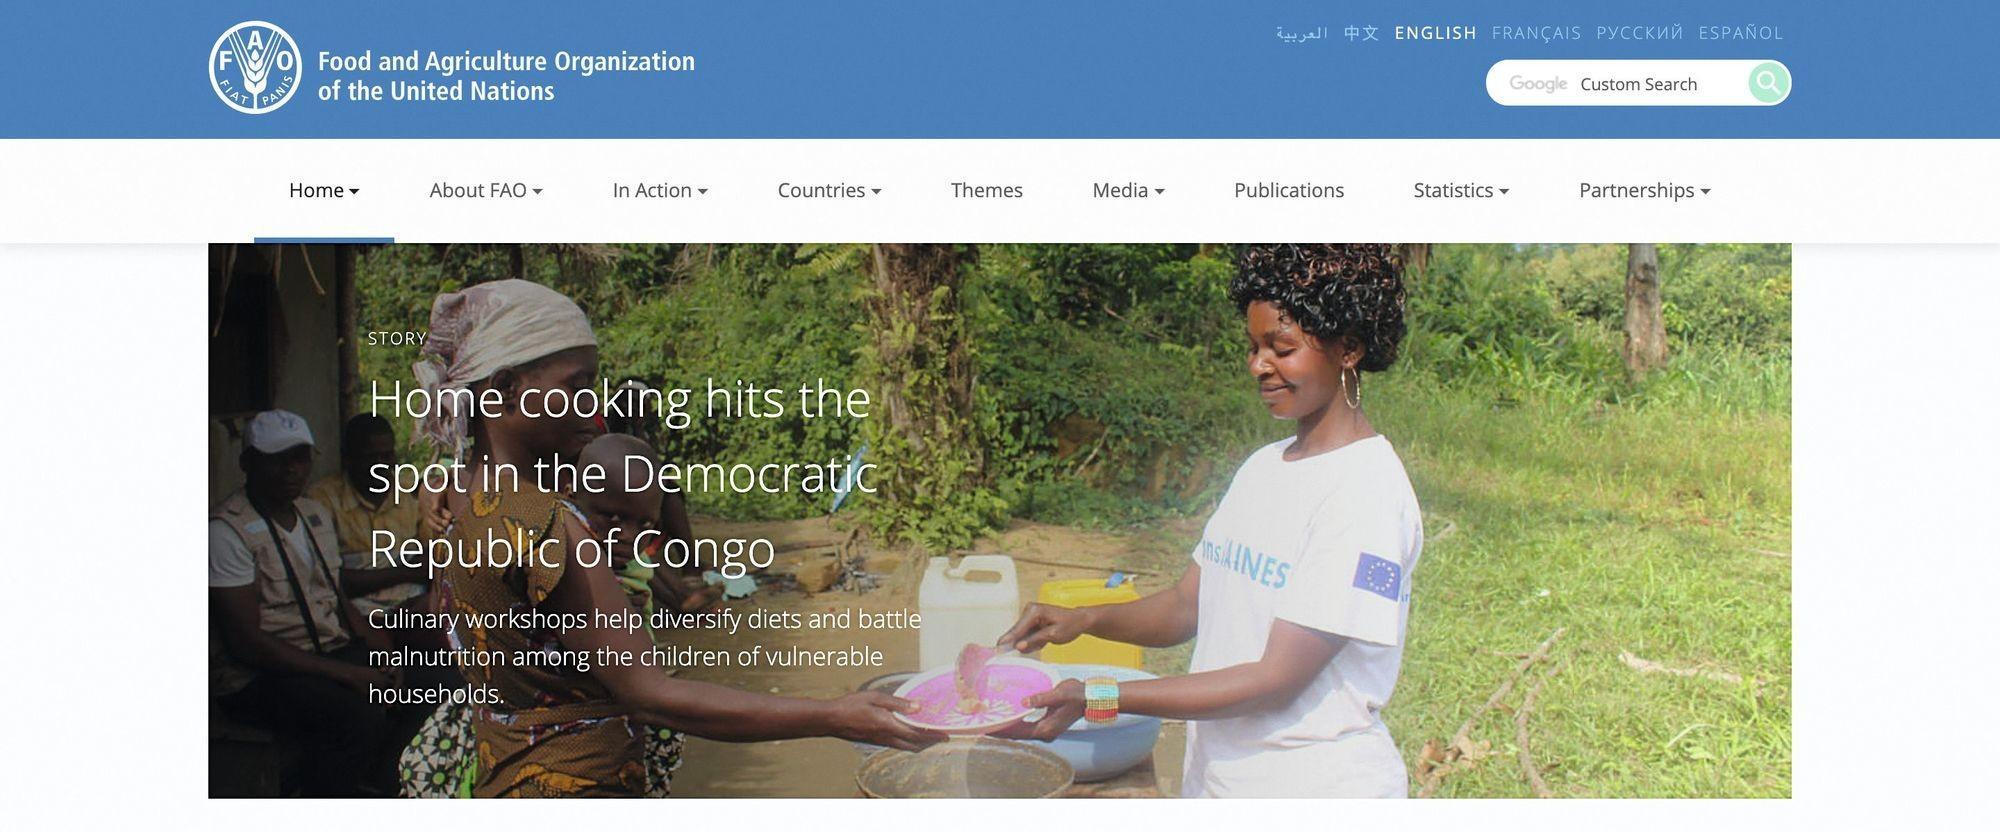 La FAO et son action pour le développement rural